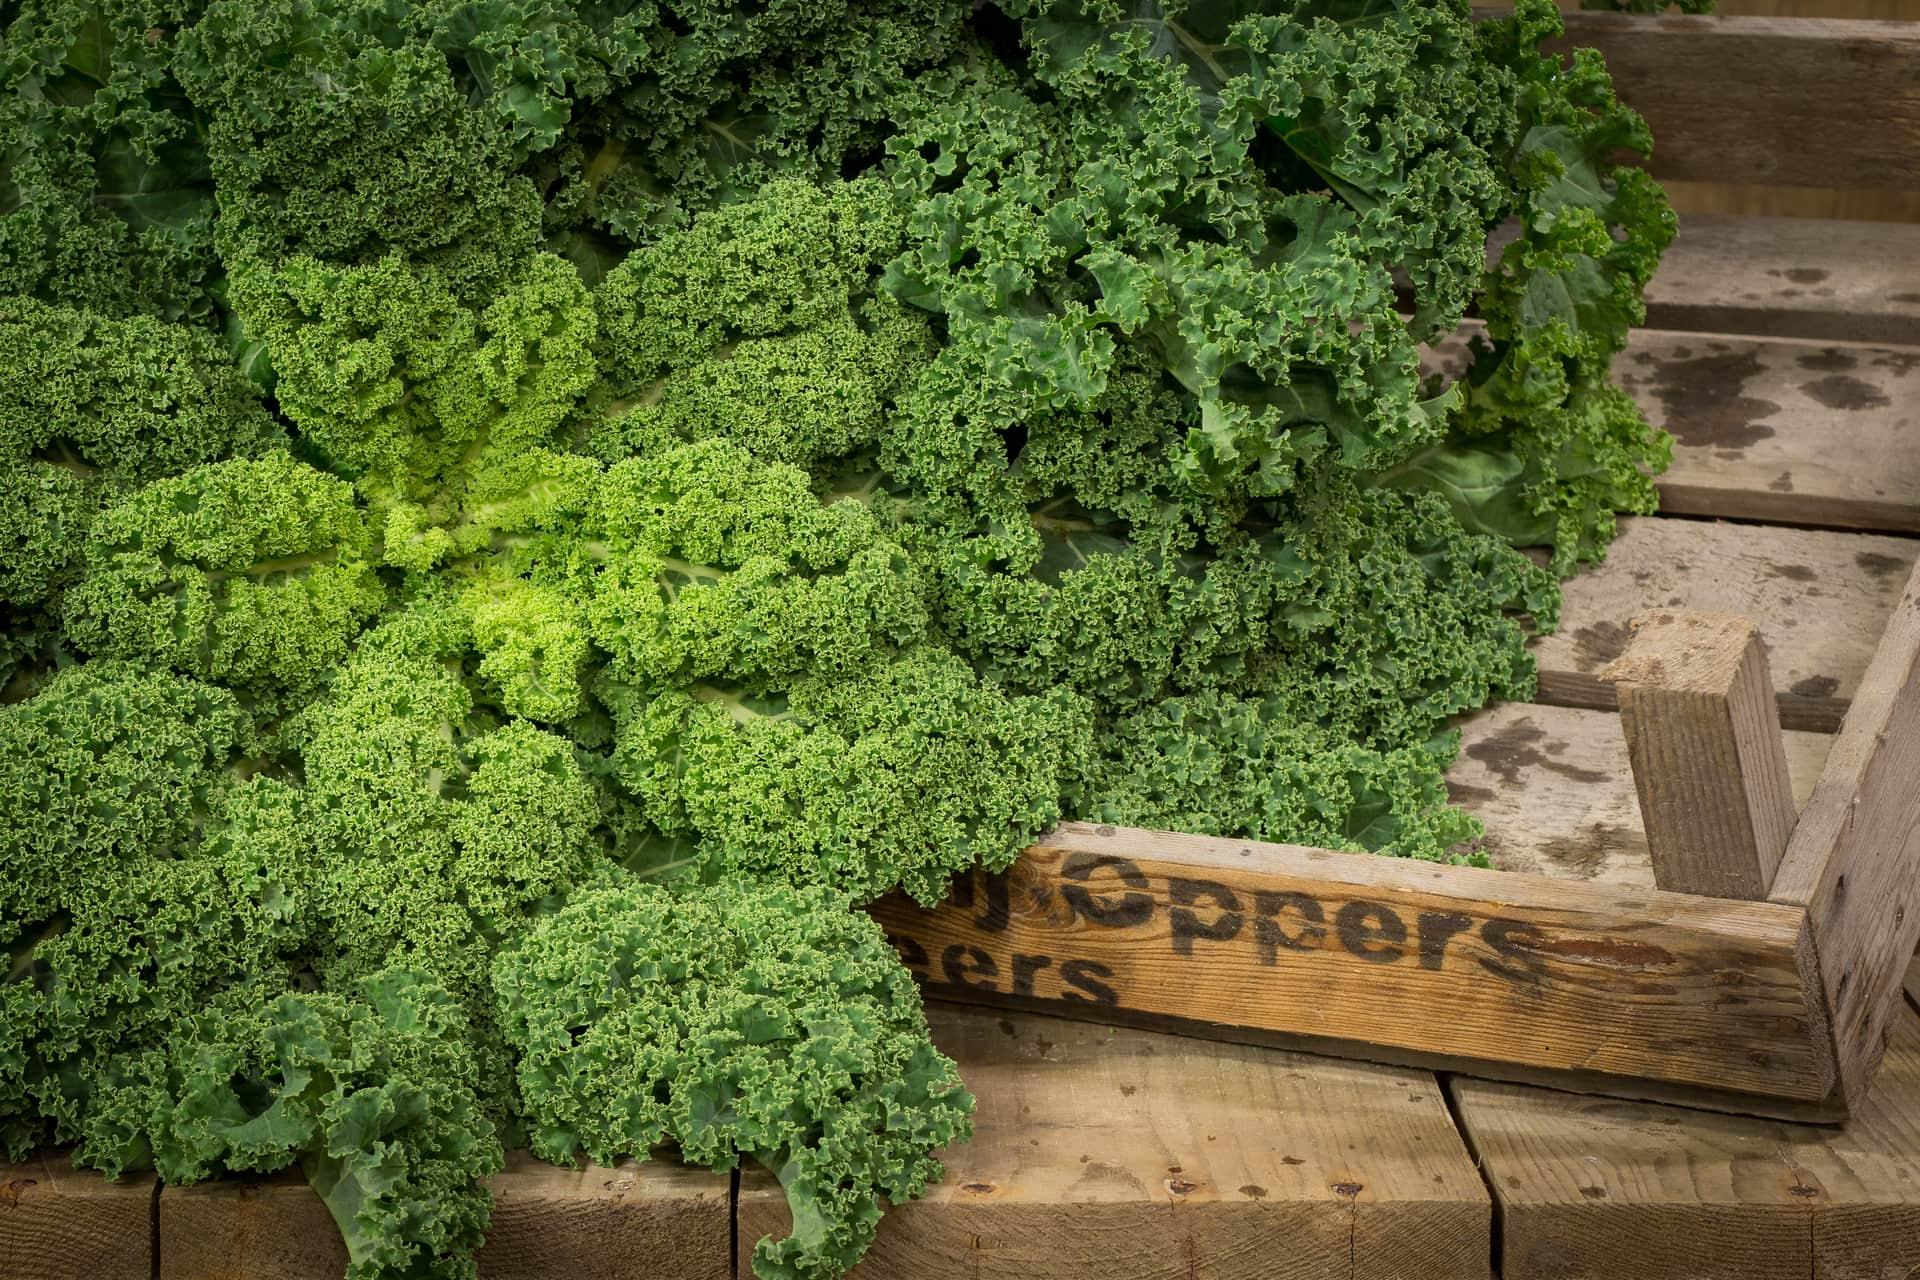 Bedrijfsreportage - Groentekwekerij Oppers, Middelbeers